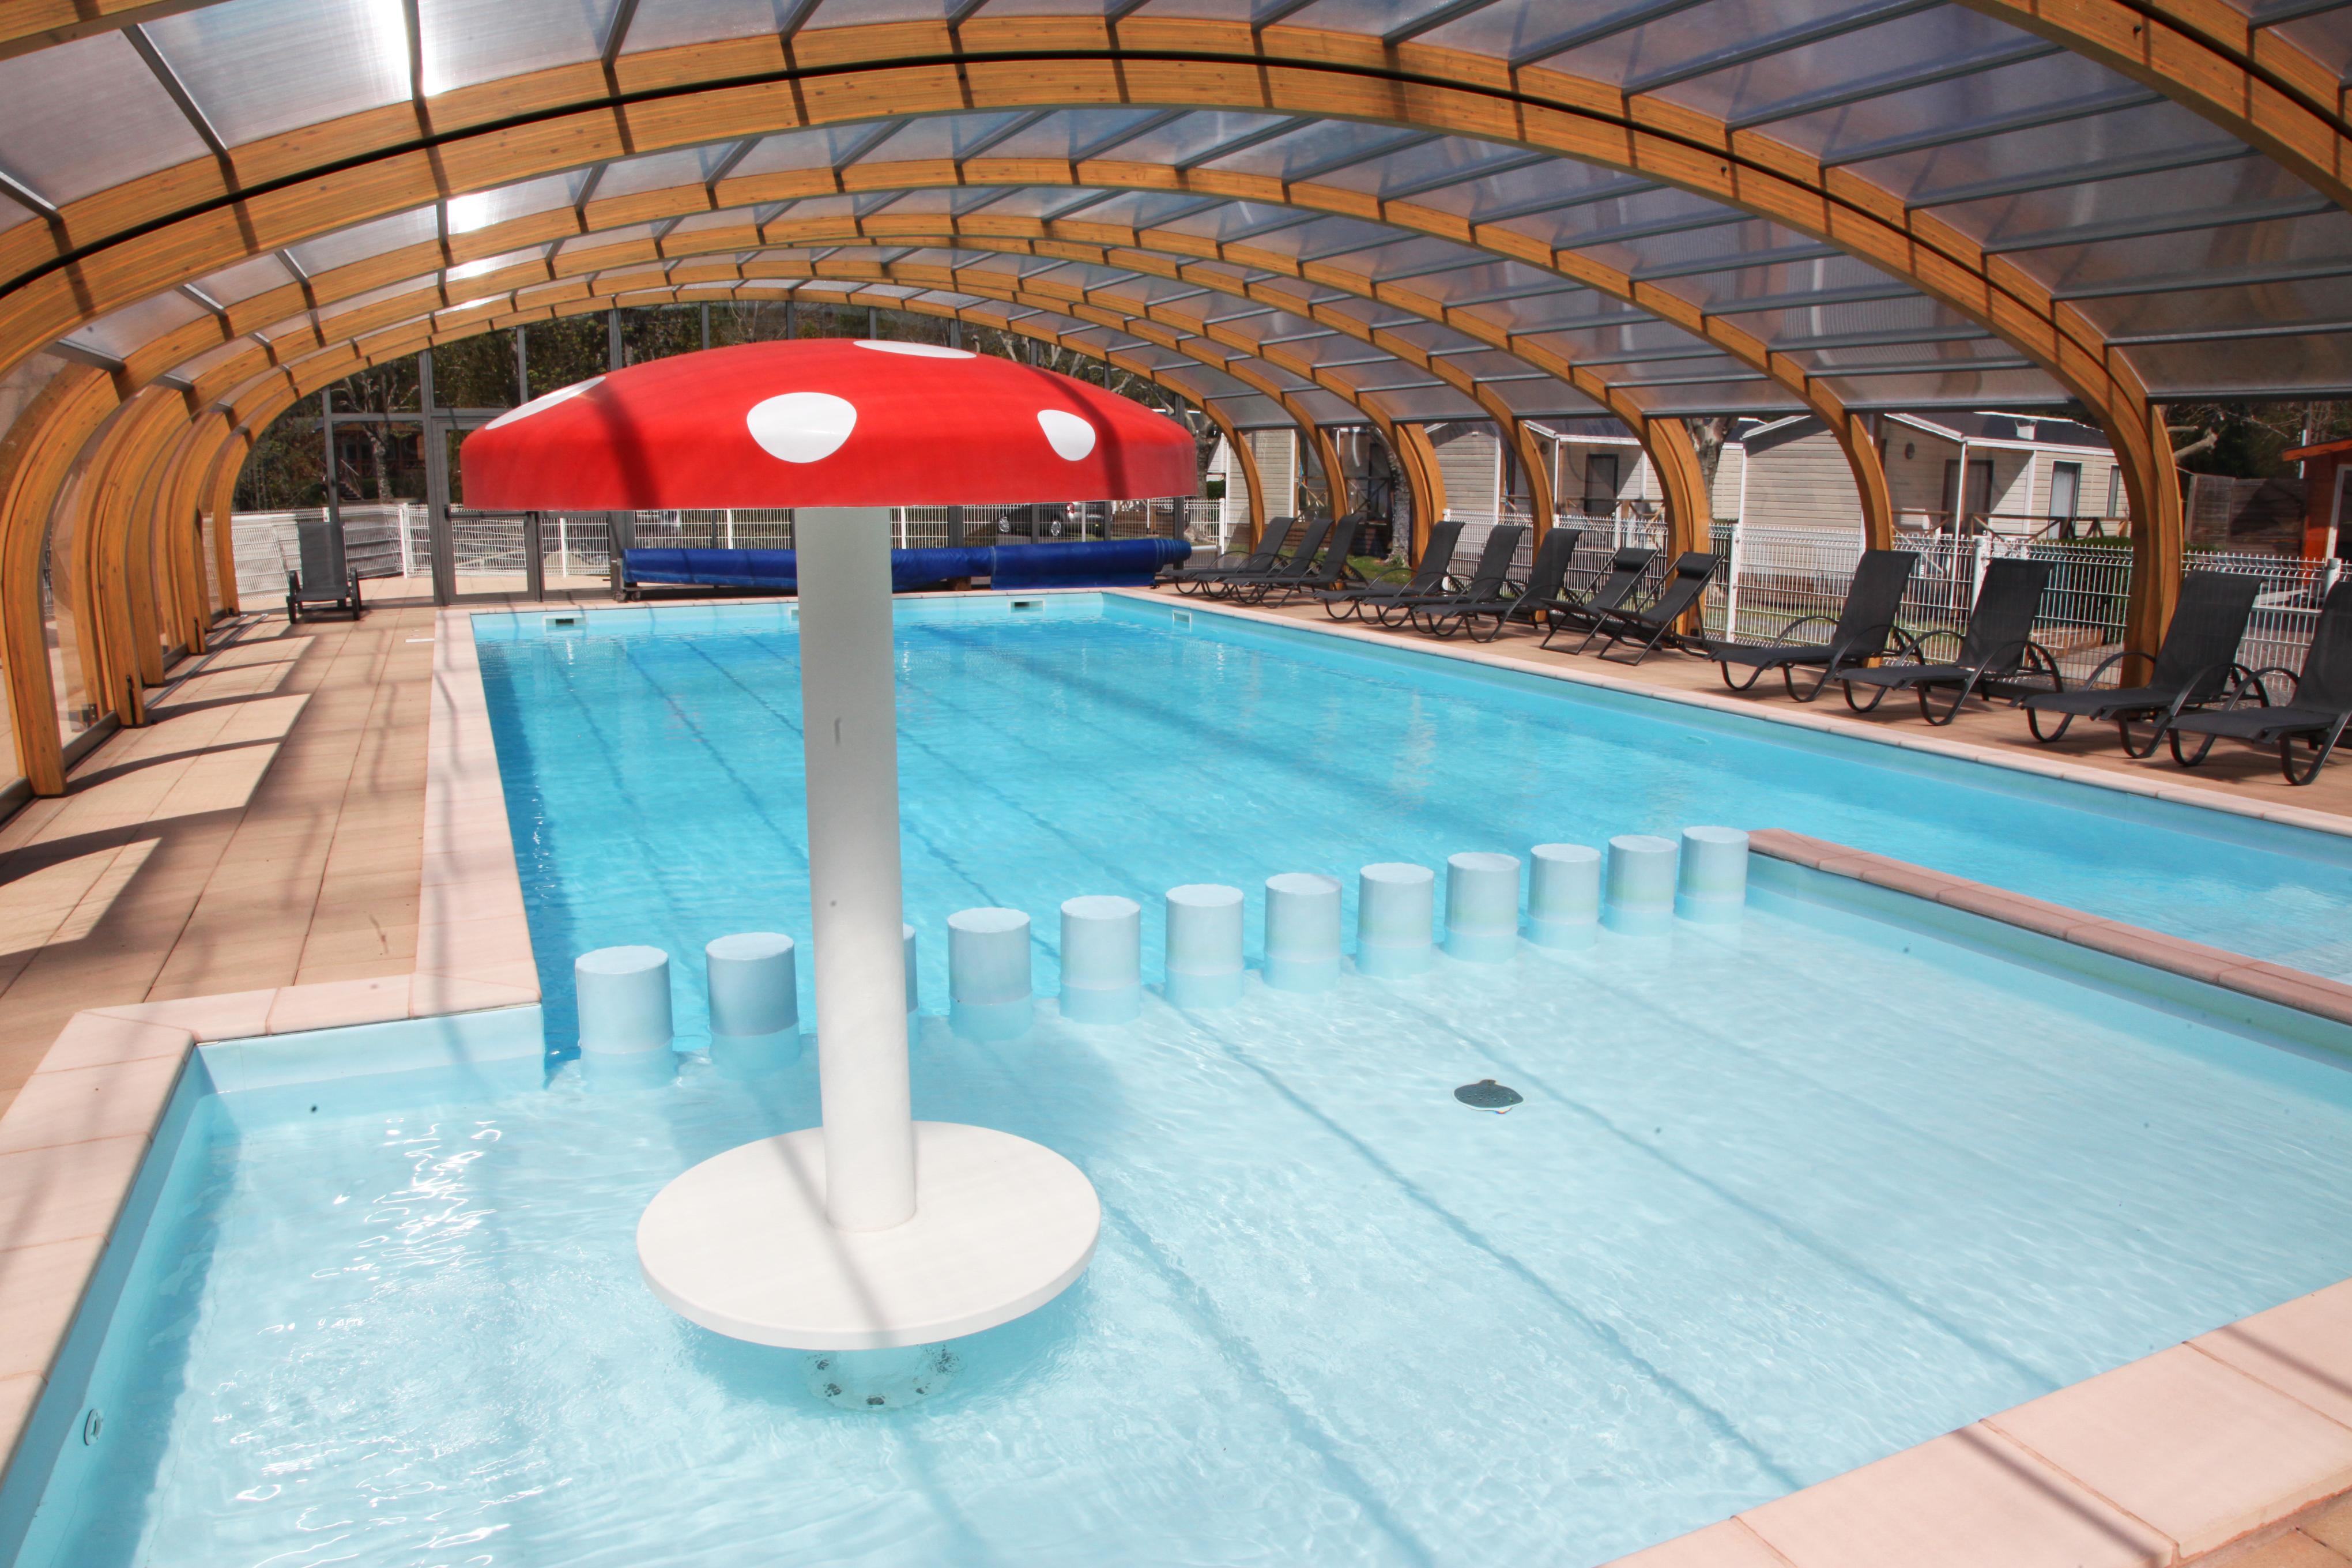 Frhpa les campings puy de d me 63 - Camping auvergne piscine ...